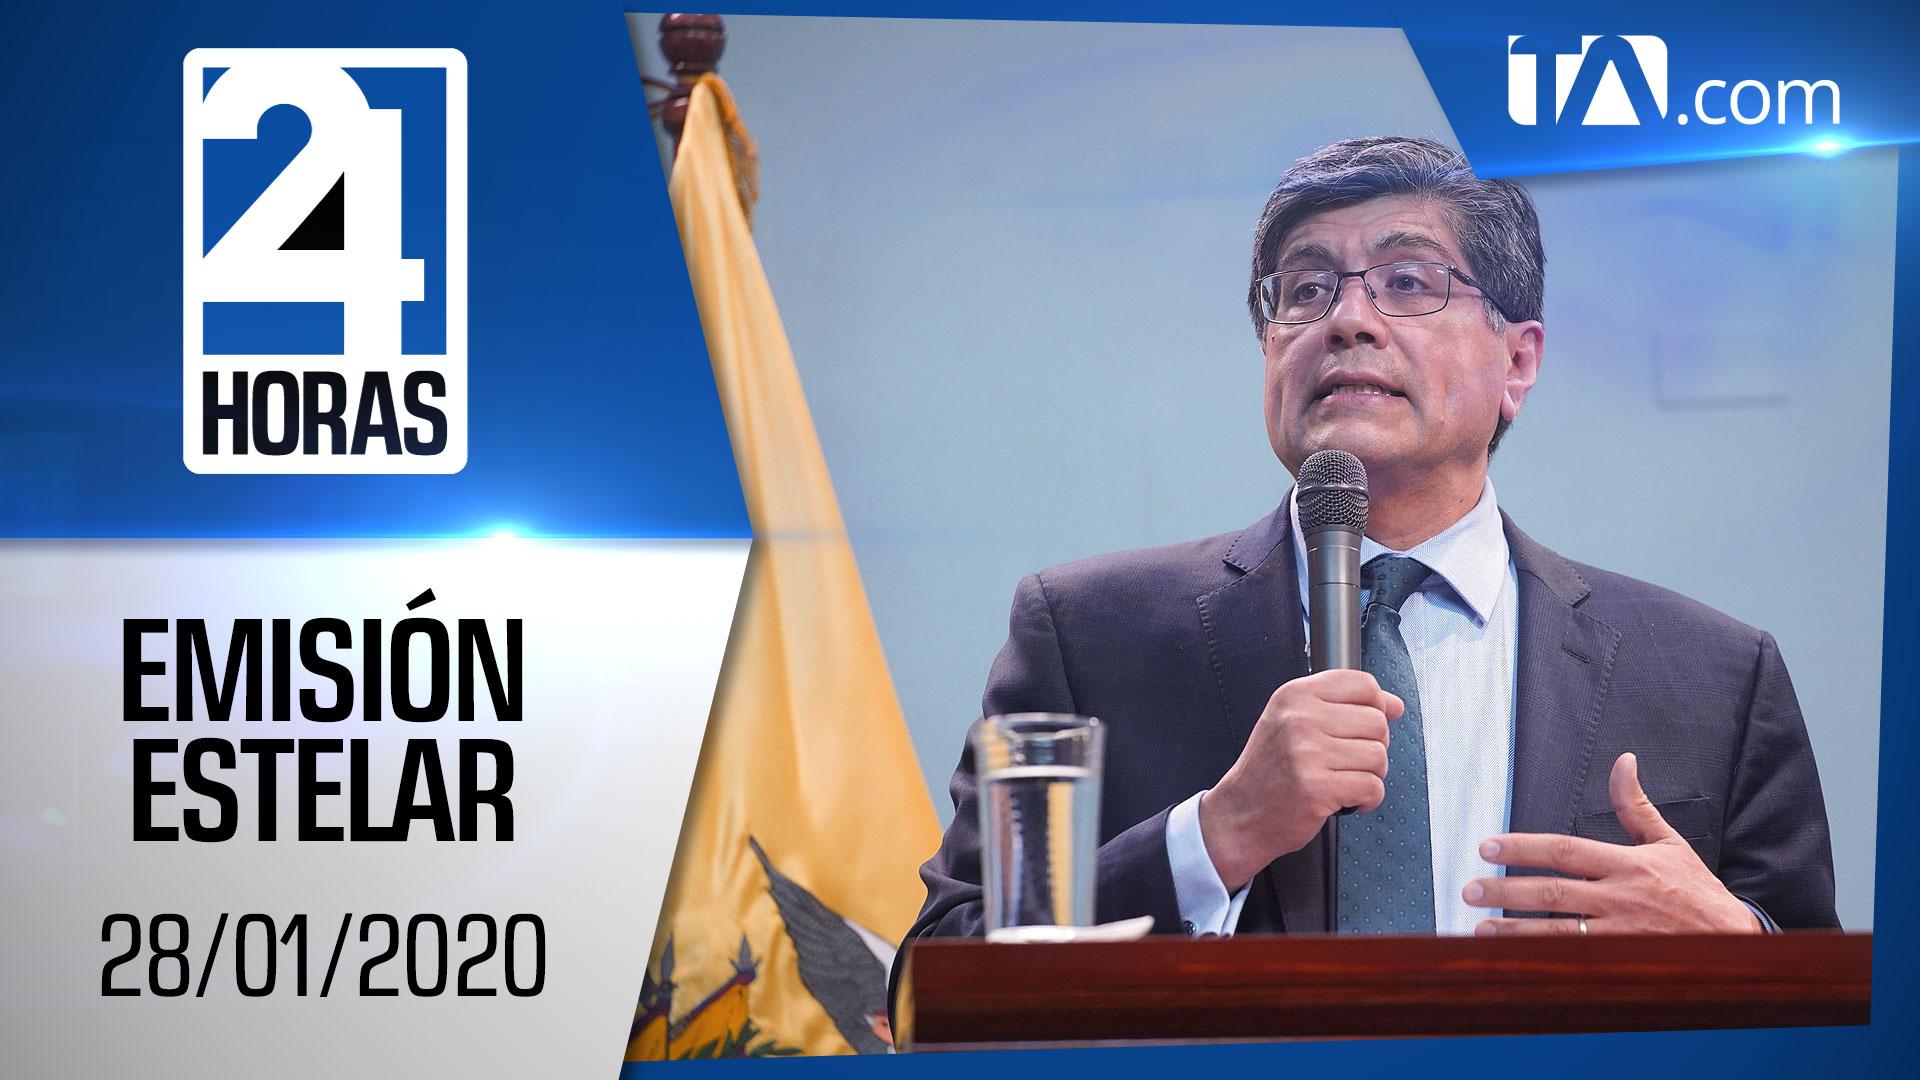 Noticiero 24 Horas, 28/01/2020 (Emisión Estelar)